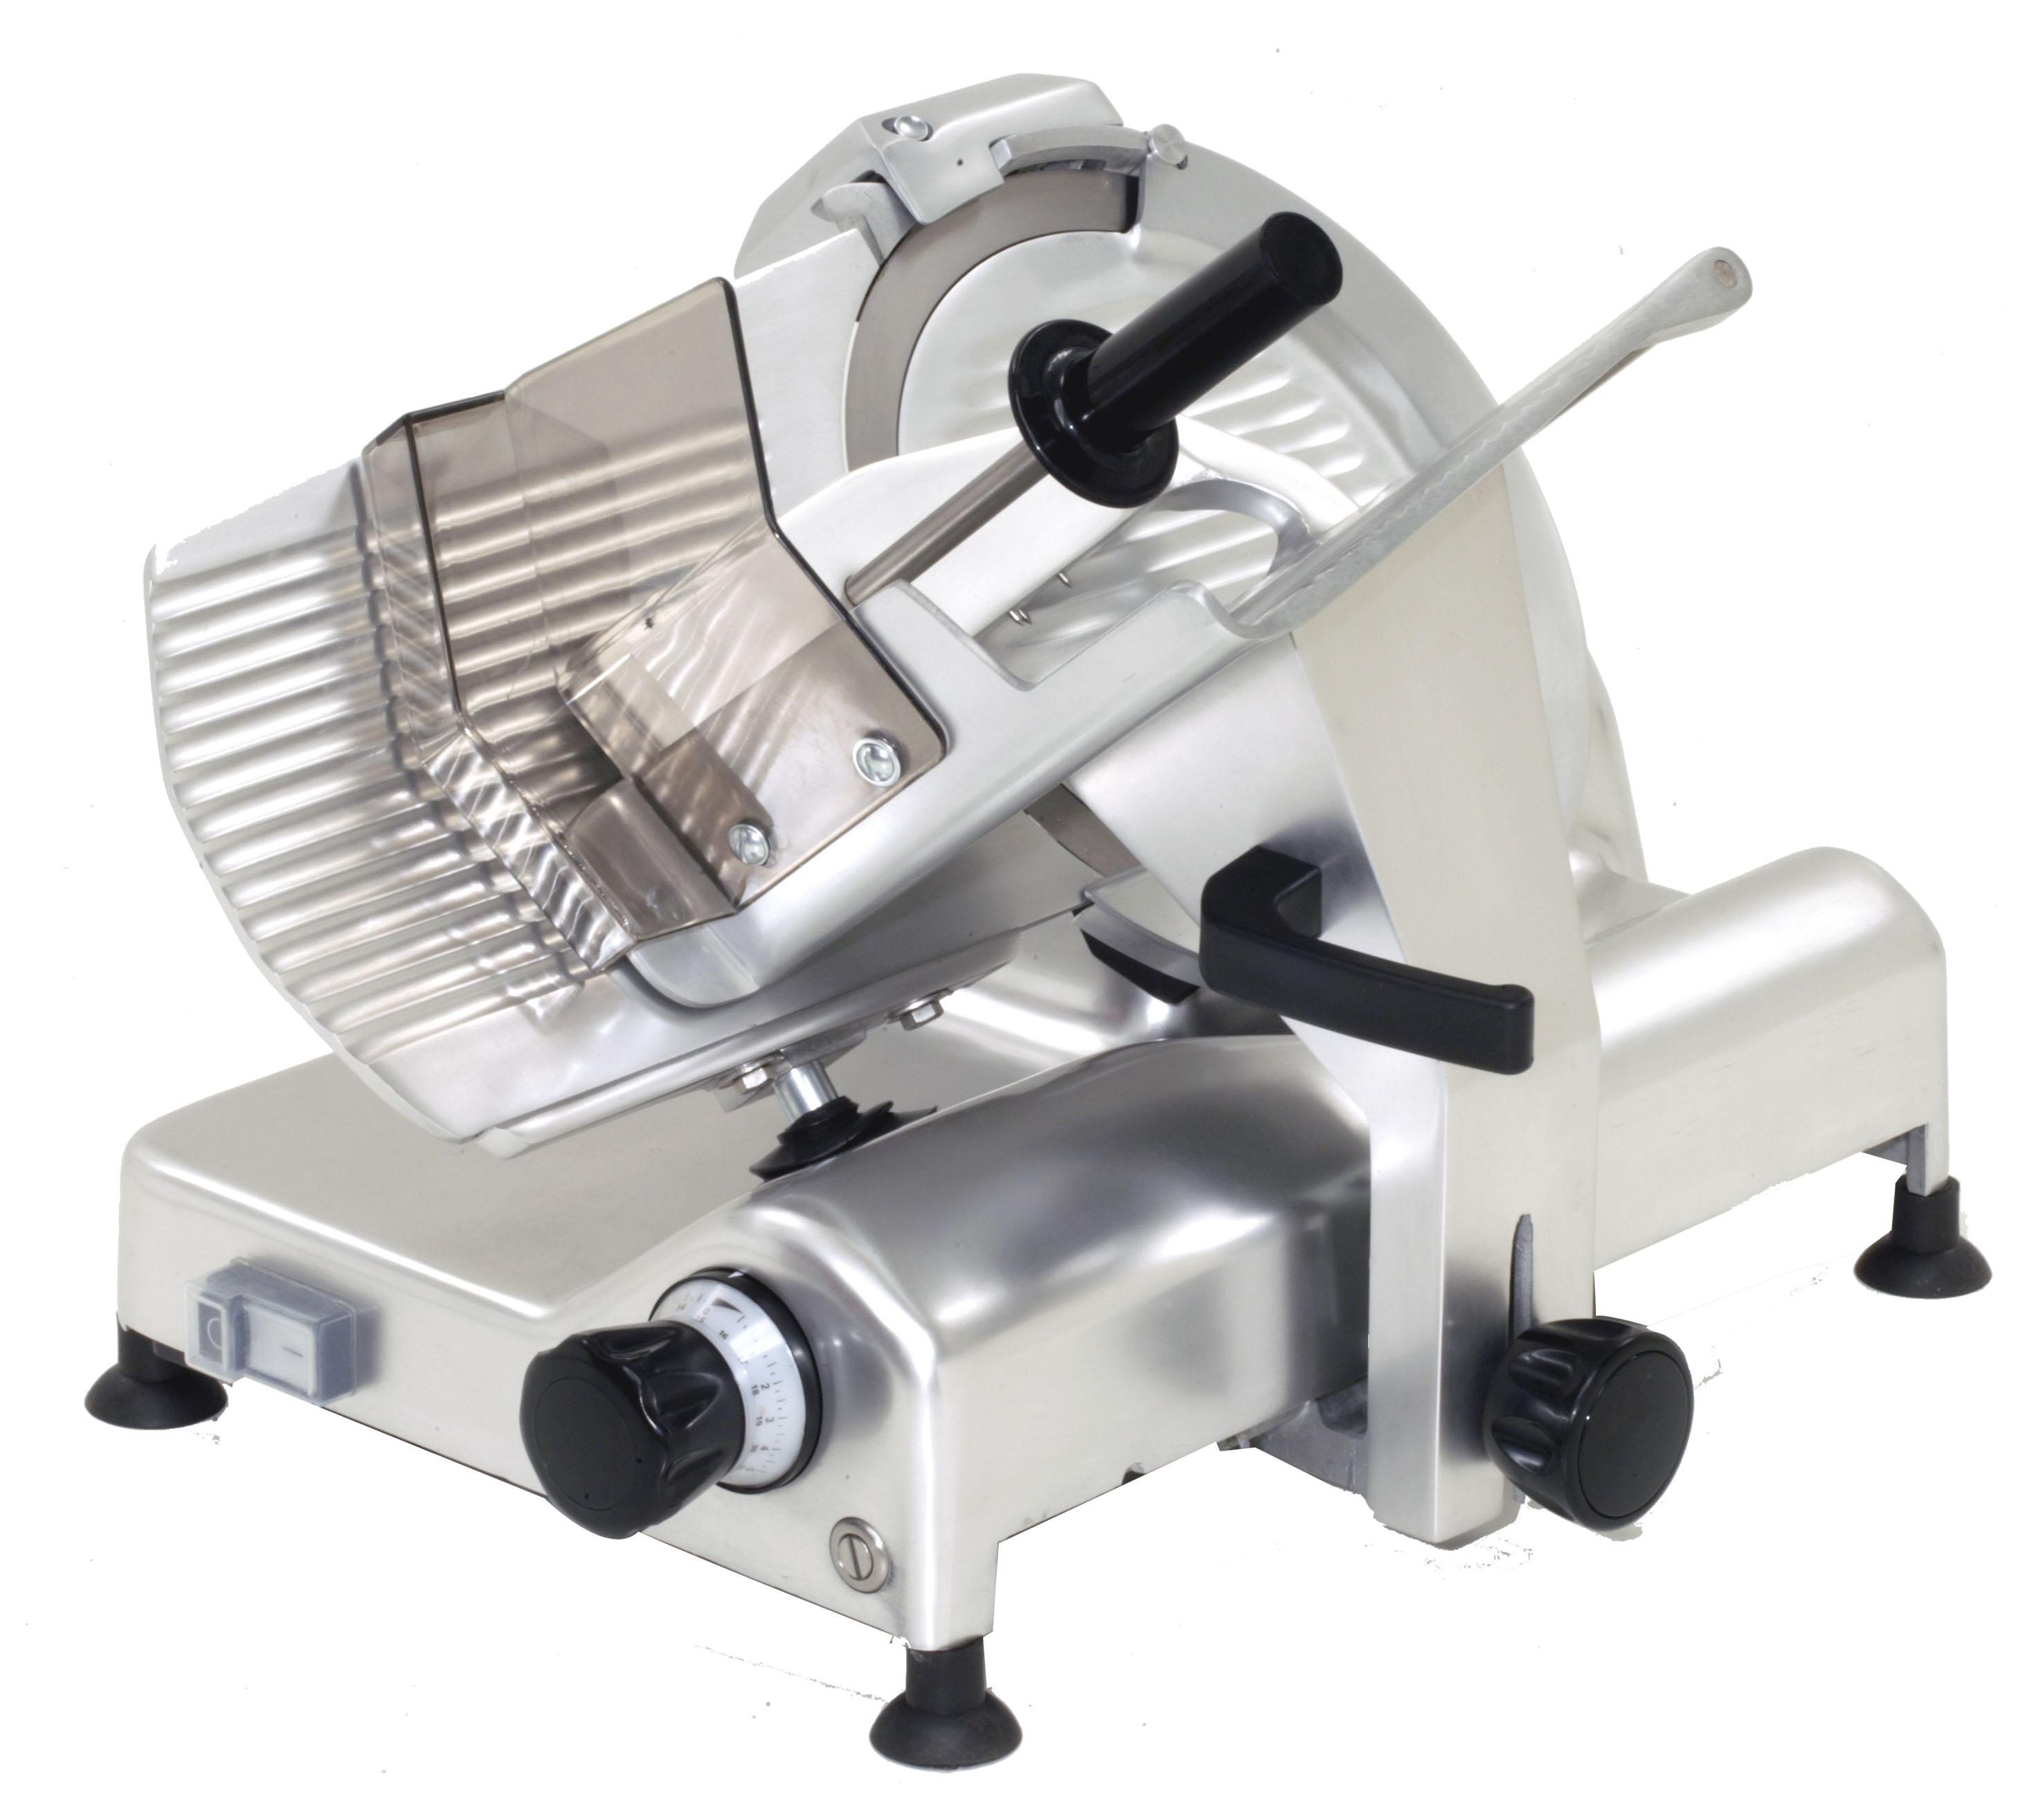 Stroj nářezový GXE 300 DP/400V - šnek